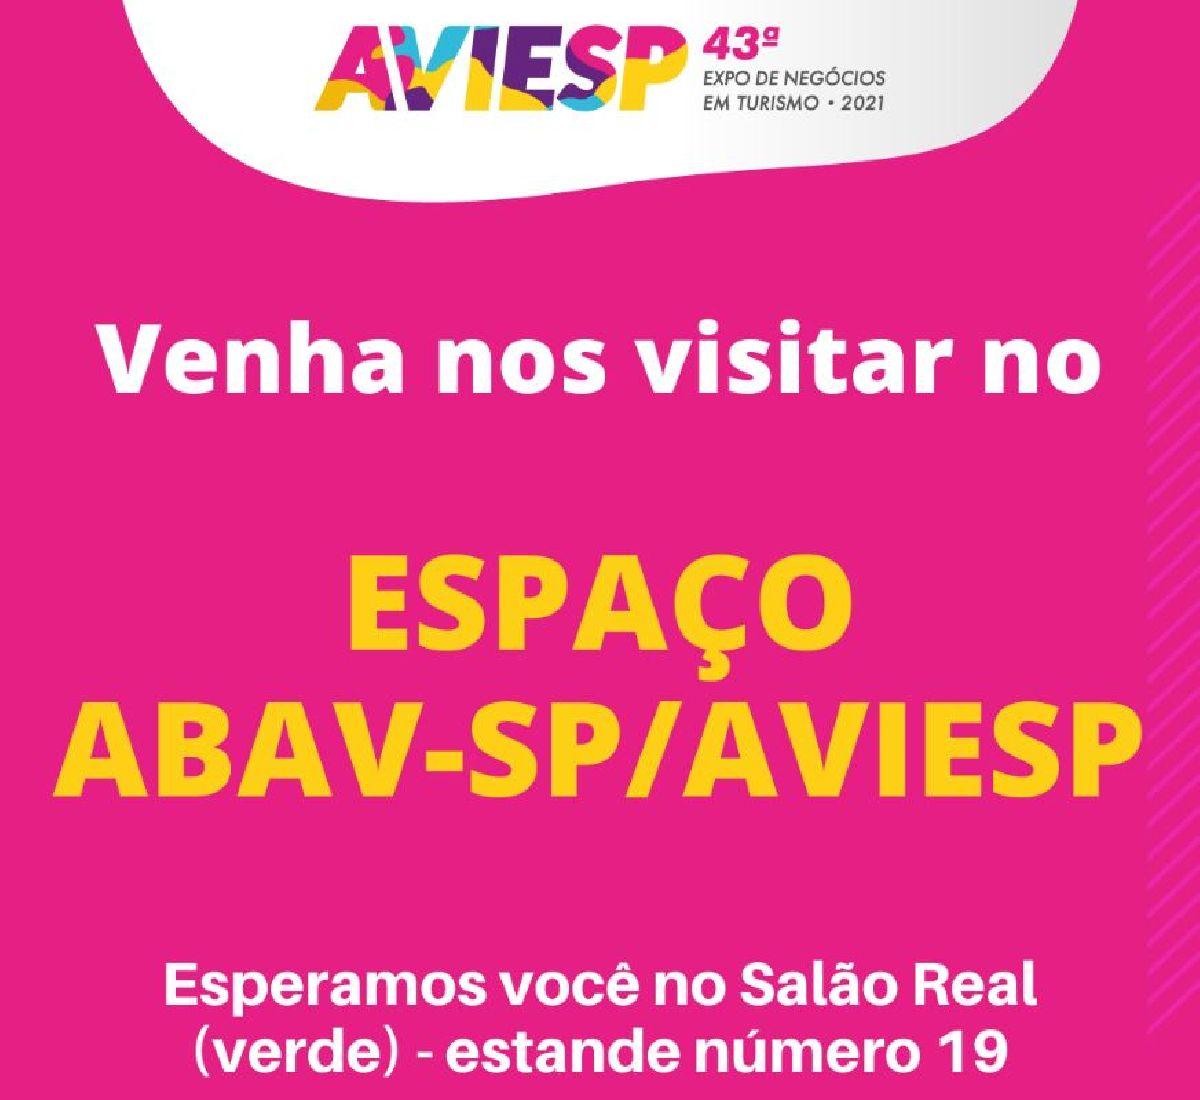 43ª AVIESP EXPO TERÁ ESPAÇO PARA ESCLARECER DÚVIDAS SOBRE SEGURO DE RESPONSABILIDADE CIVIL?